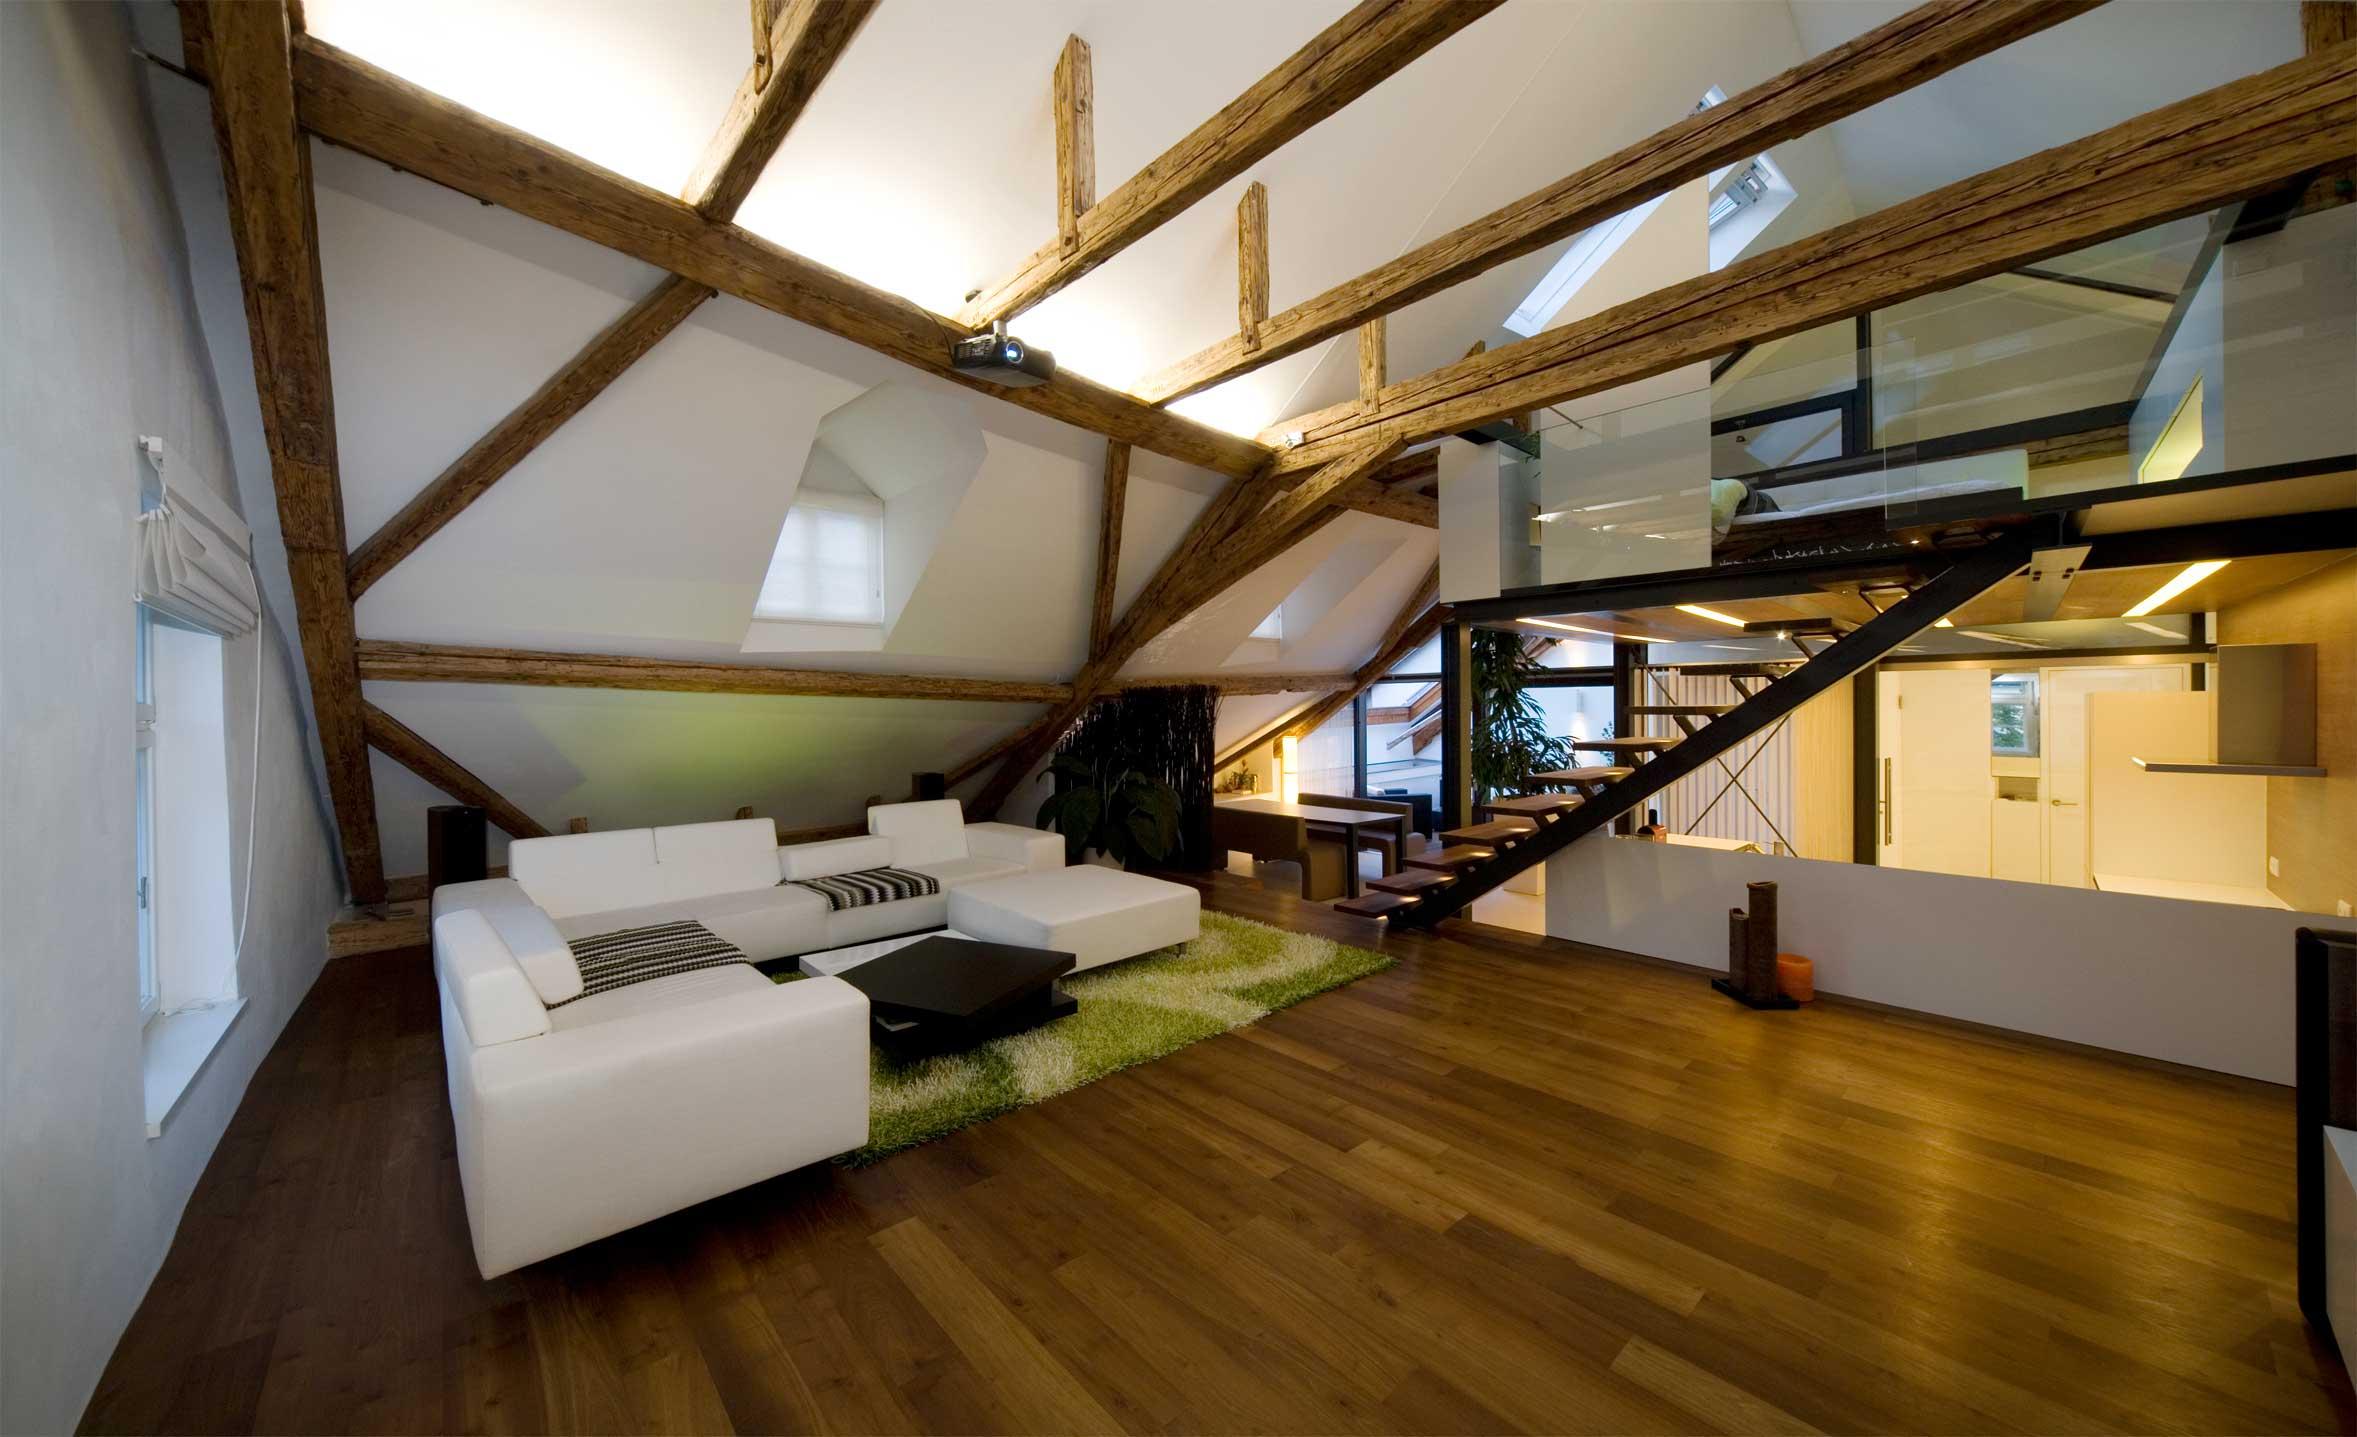 dachboden hall | roeck architekten